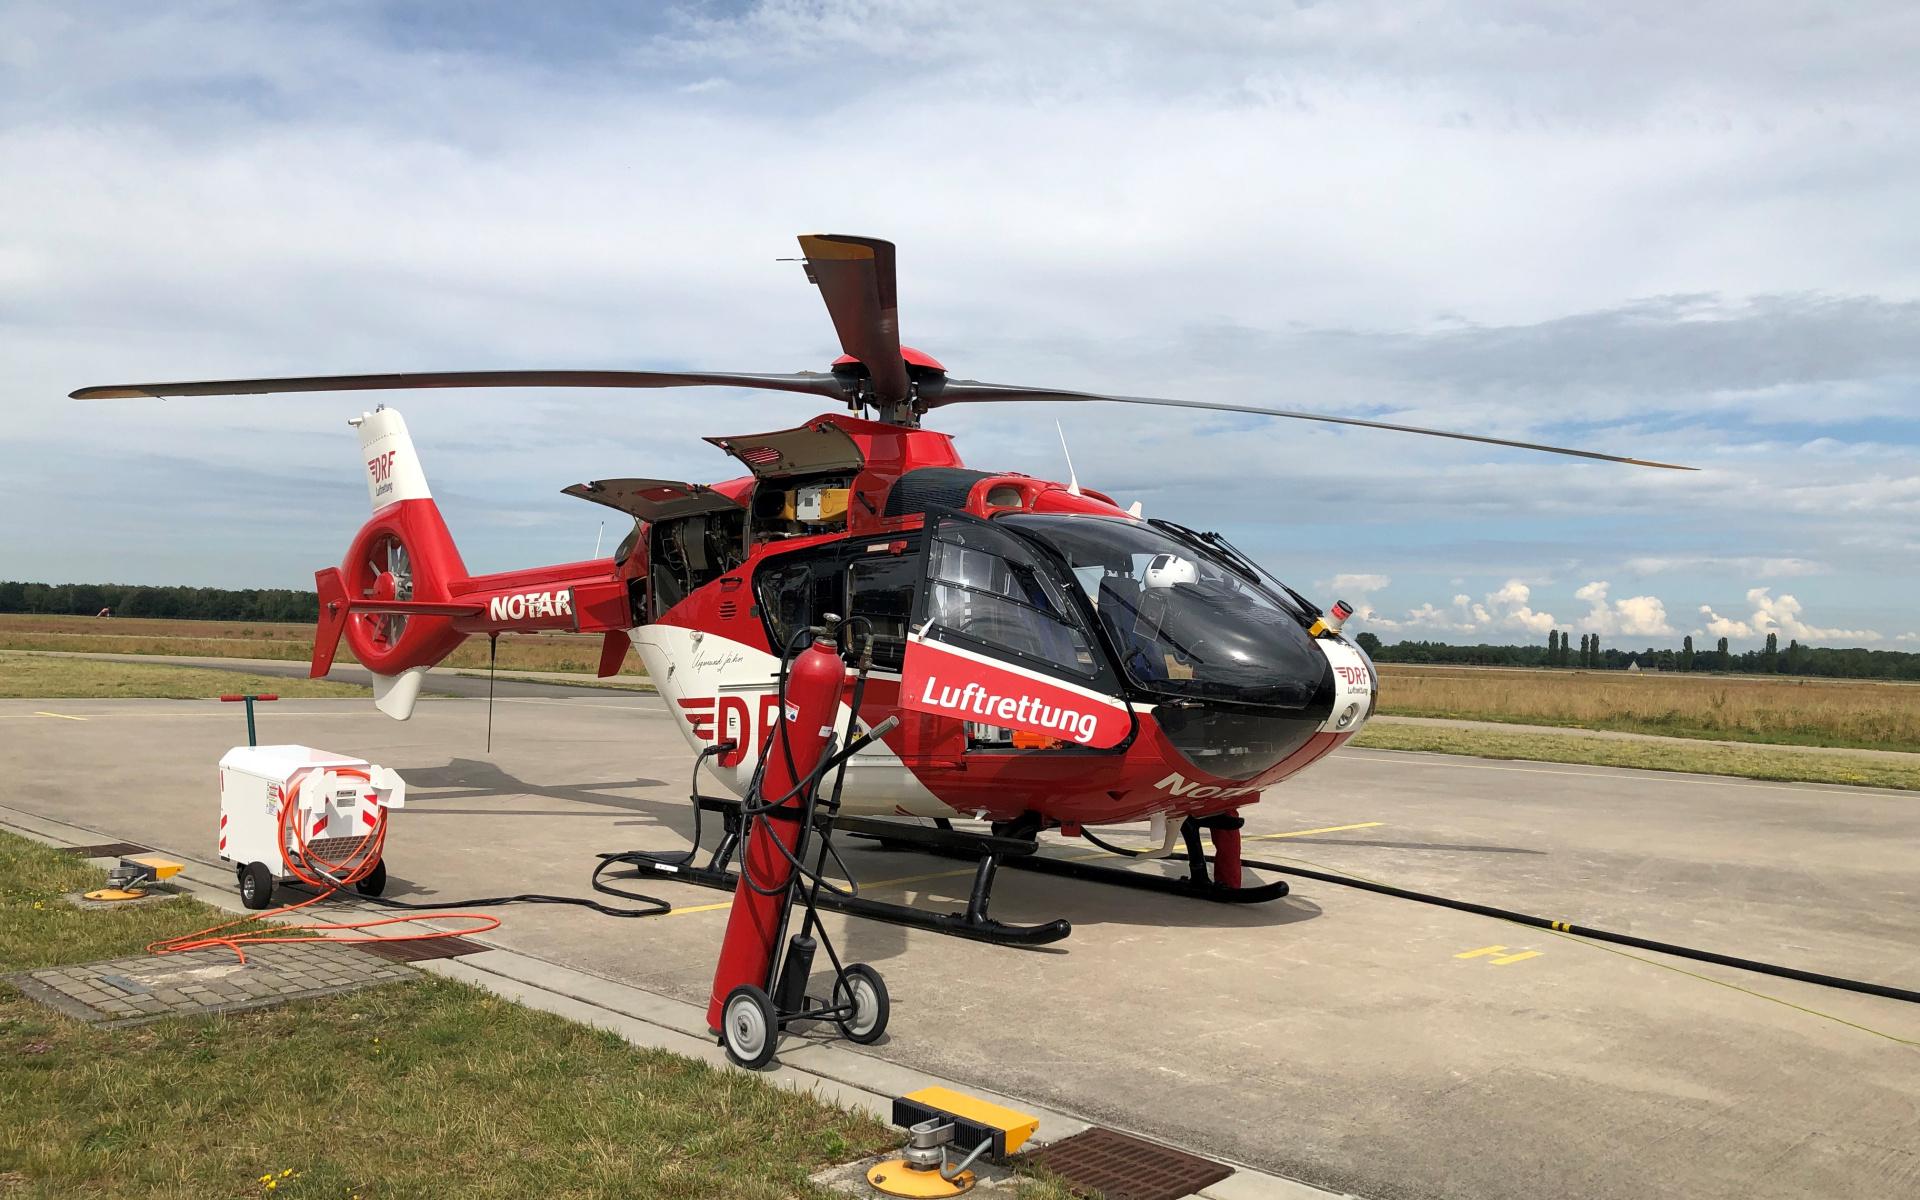 """Erstes Anlassen des Hubschraubers nach einer großen Werft-Kontrolle. """"Wir agieren beim Testen immer äußerst vorsichtig und in ganz kleinen Schritten, wenn die Anzeigen aufleuchten und die akustischen Signale uns warnen, dass die Maschine jetzt fast an ihrem Limit ist"""", erzählt Dietmar Gehr."""